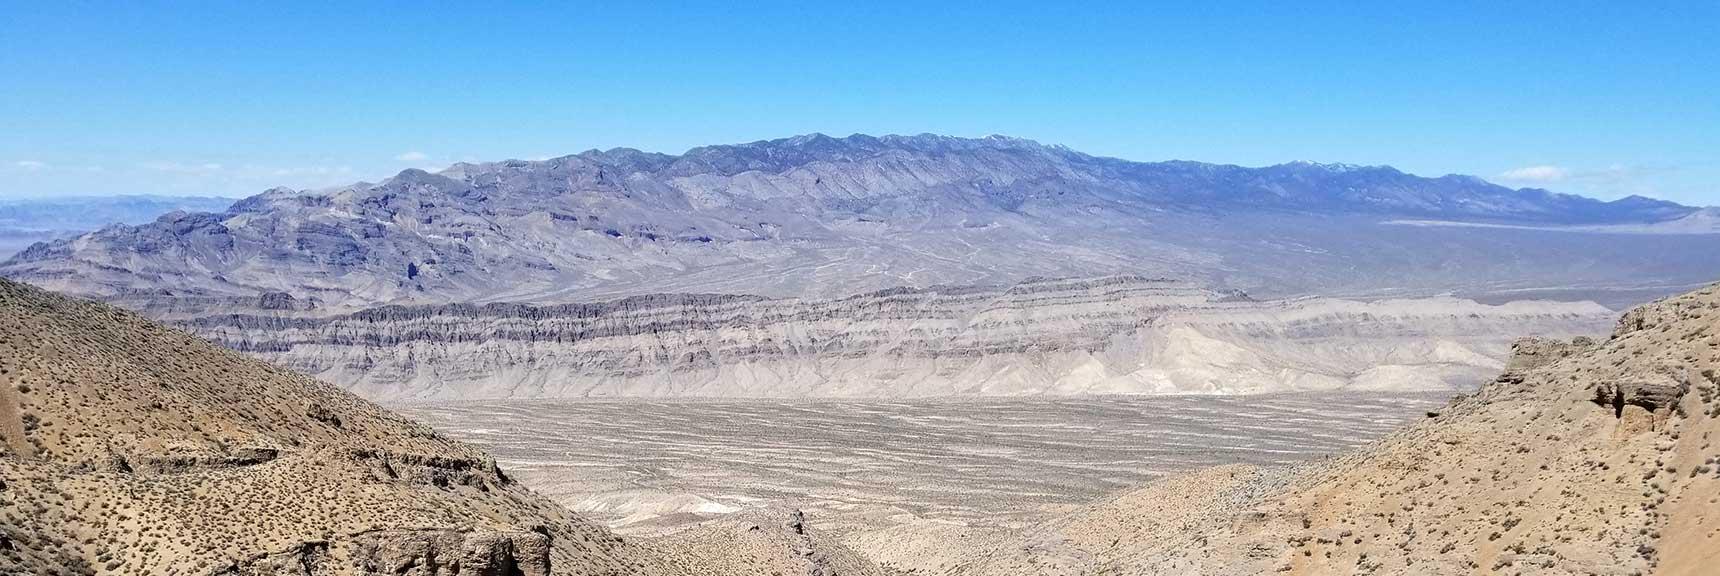 Sheep Range Viewed from Gass Peak, Nevada